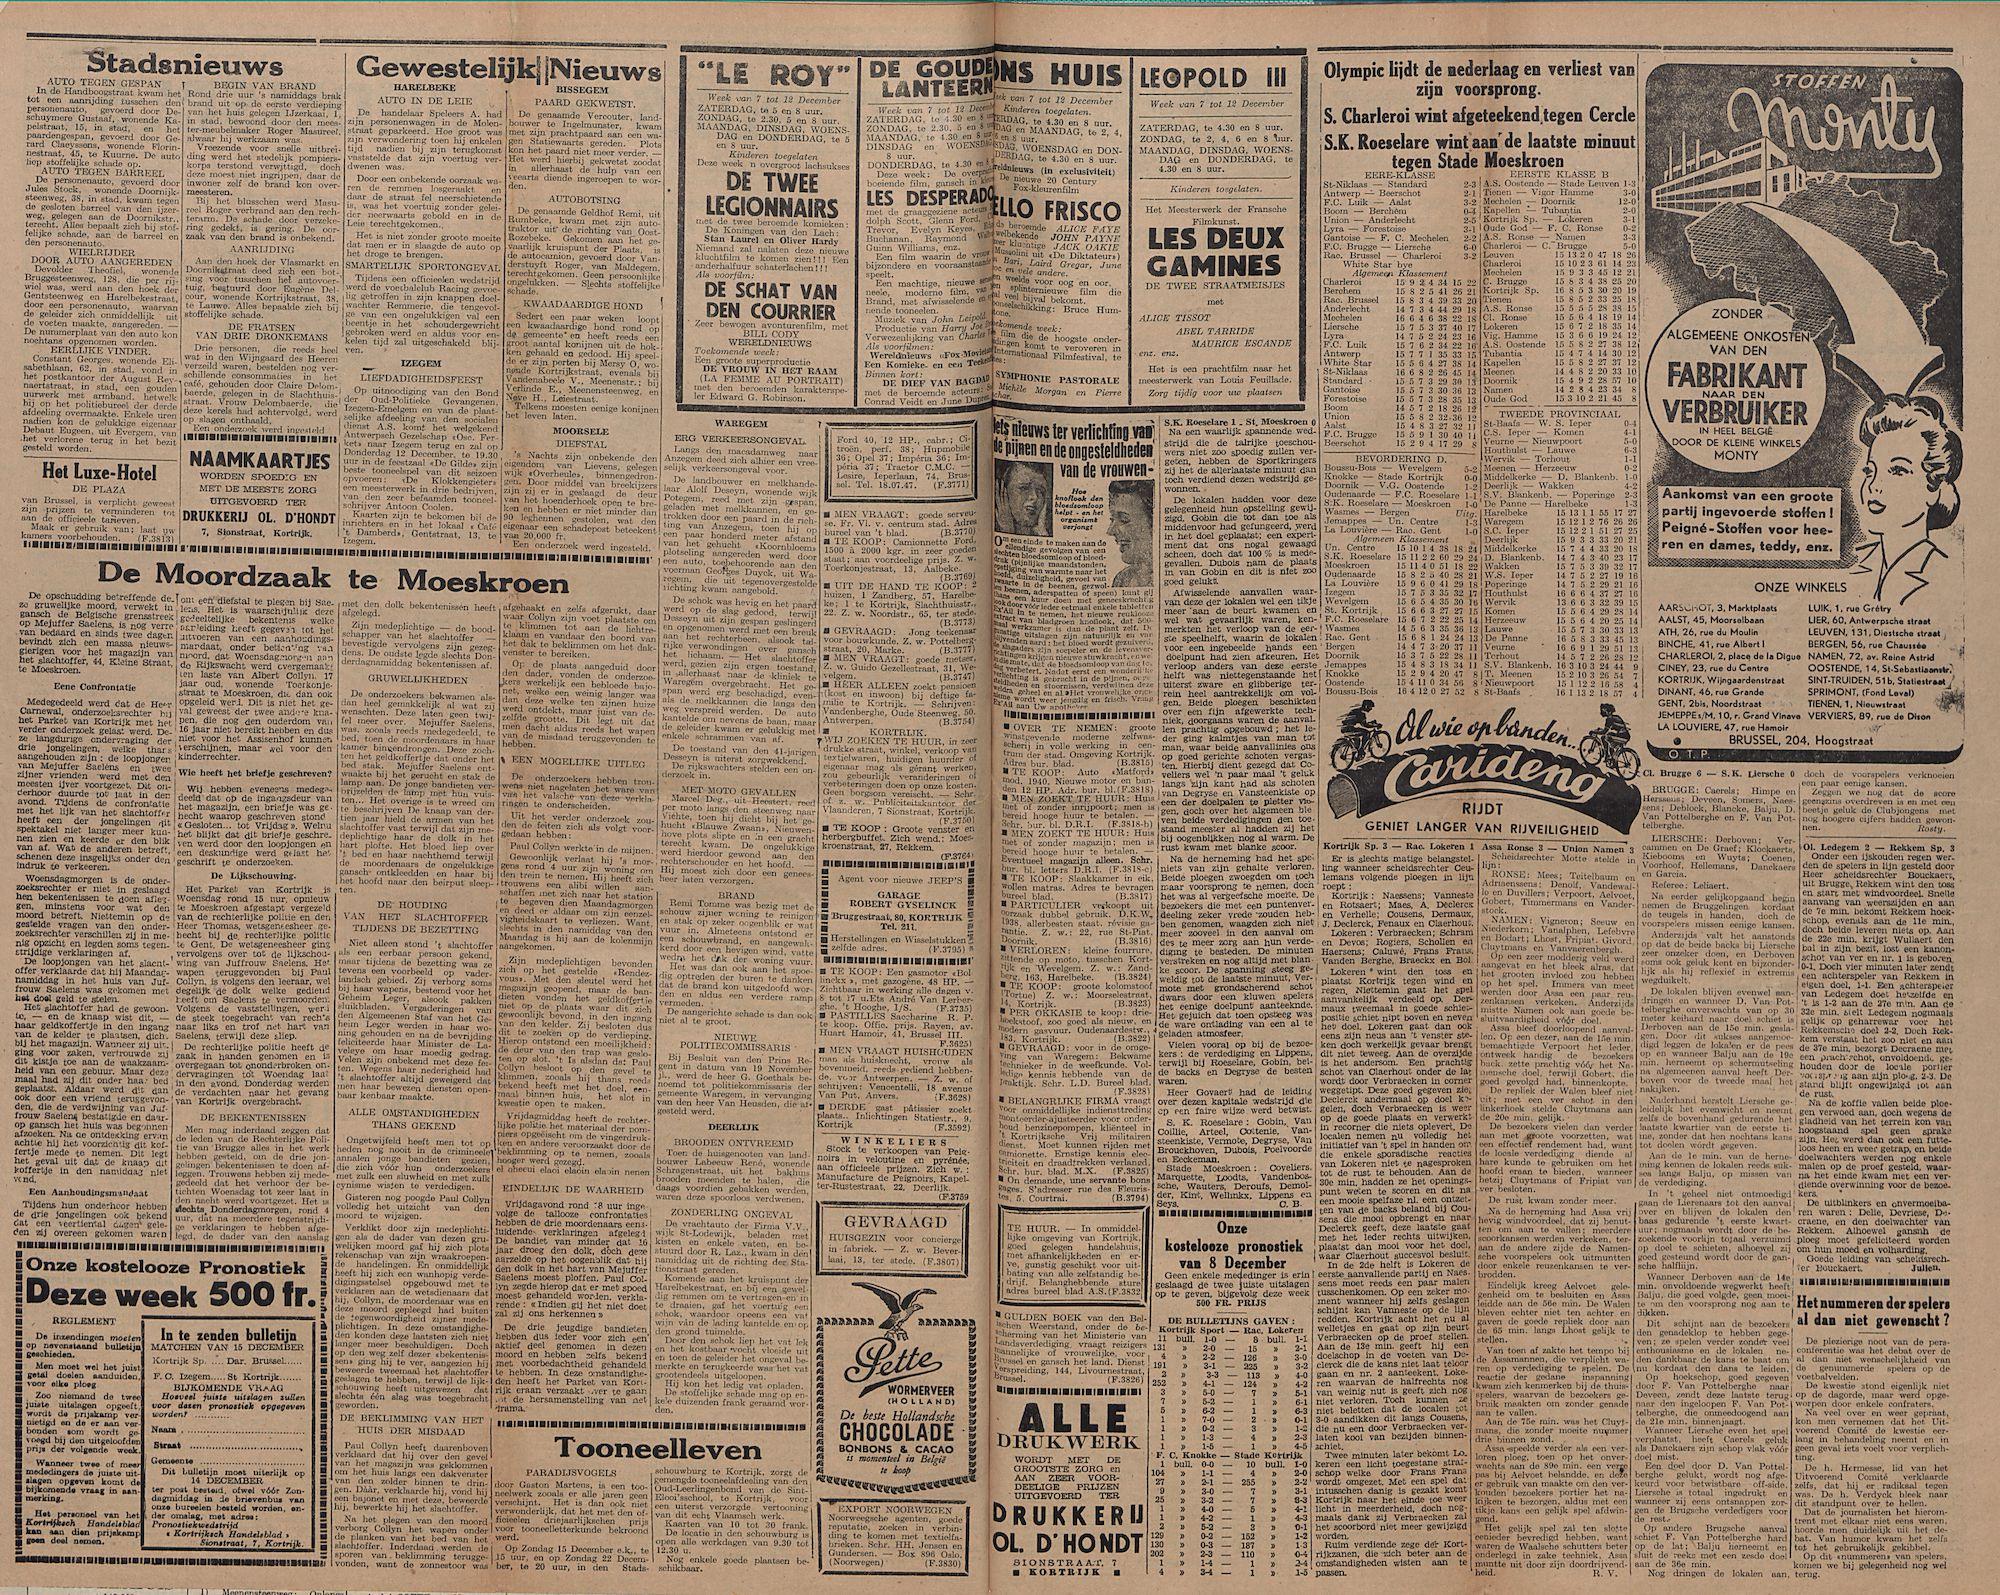 Kortrijksch Handelsblad 10 december 1946 Nr99 p2-3